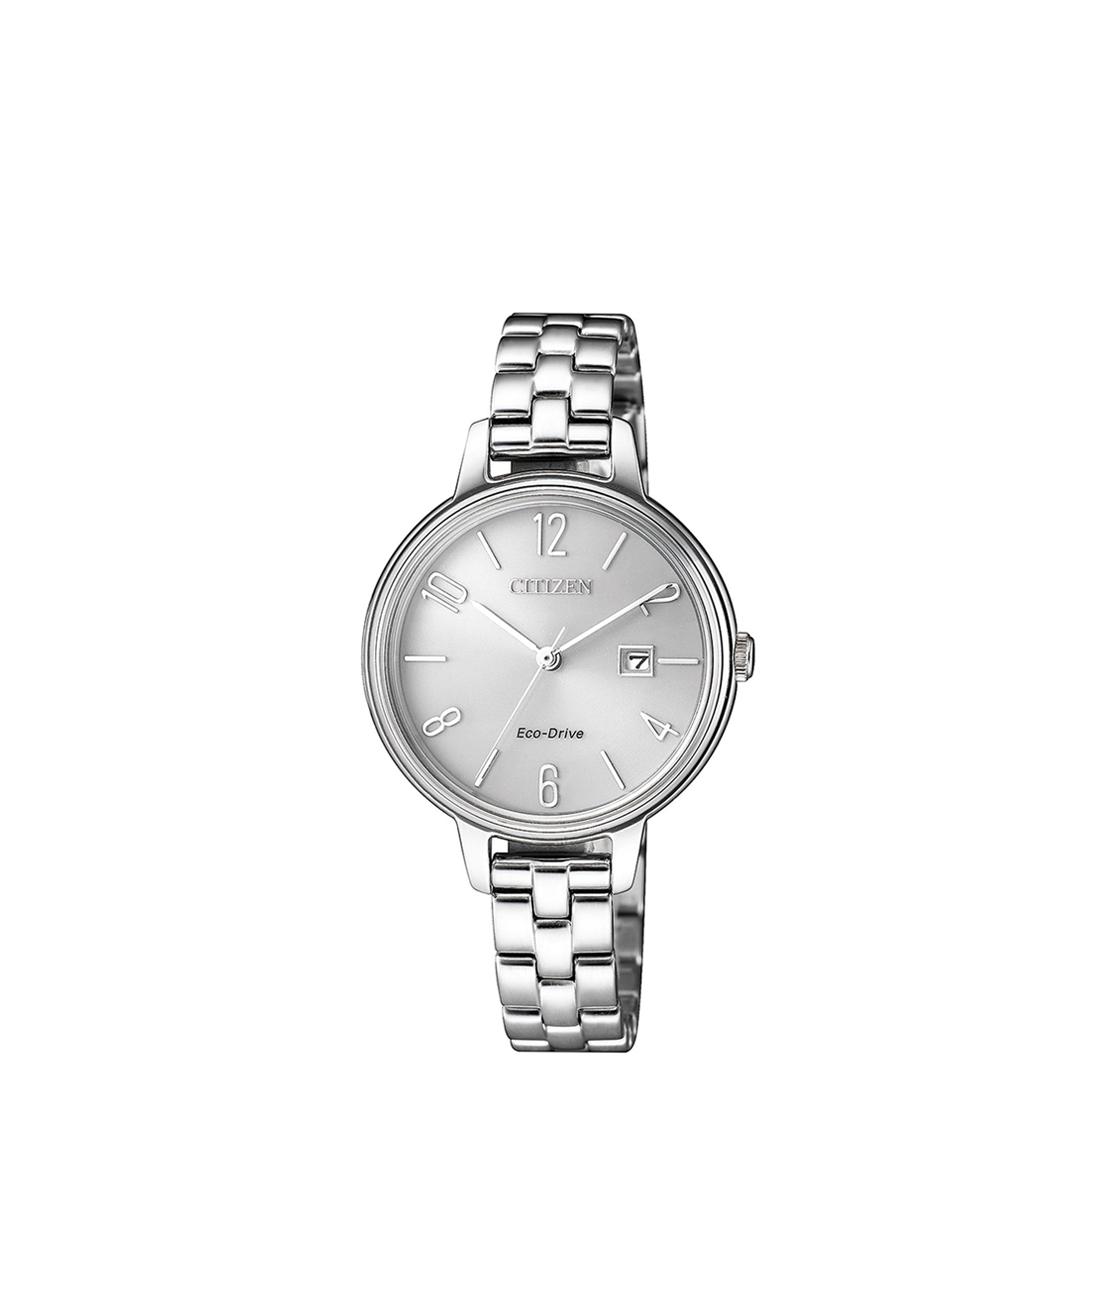 Zegarek Citizen Eco-Drive EW2440-88A w atrakcyjnej cenie ... 0e6110af11